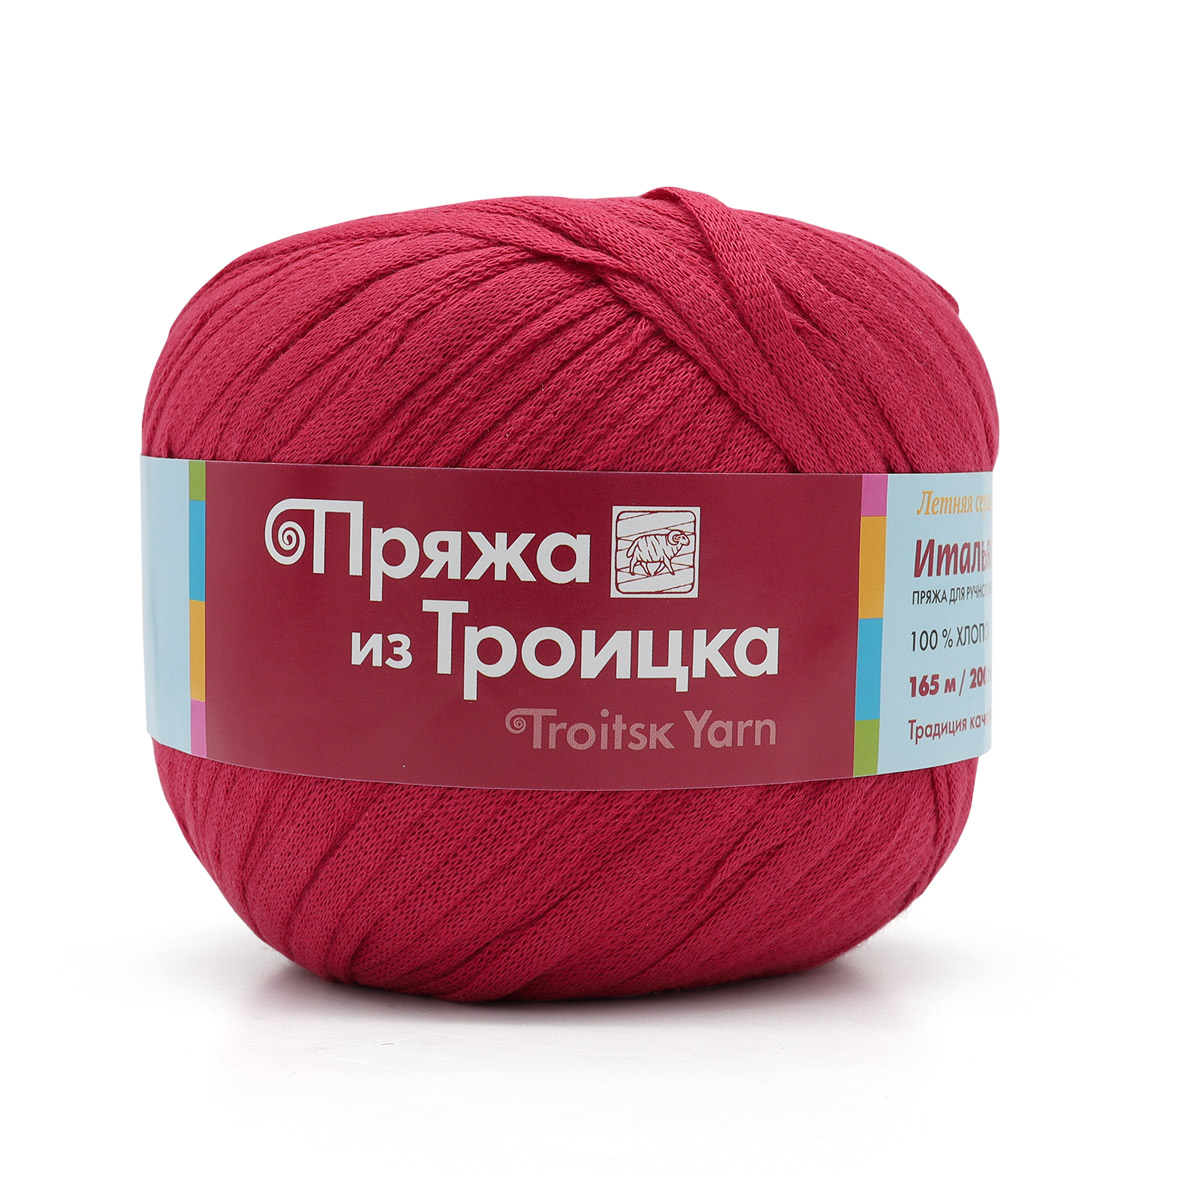 Пряжа из Троицка 'Итальянская' 200гр. 165м. (100% хлопок)